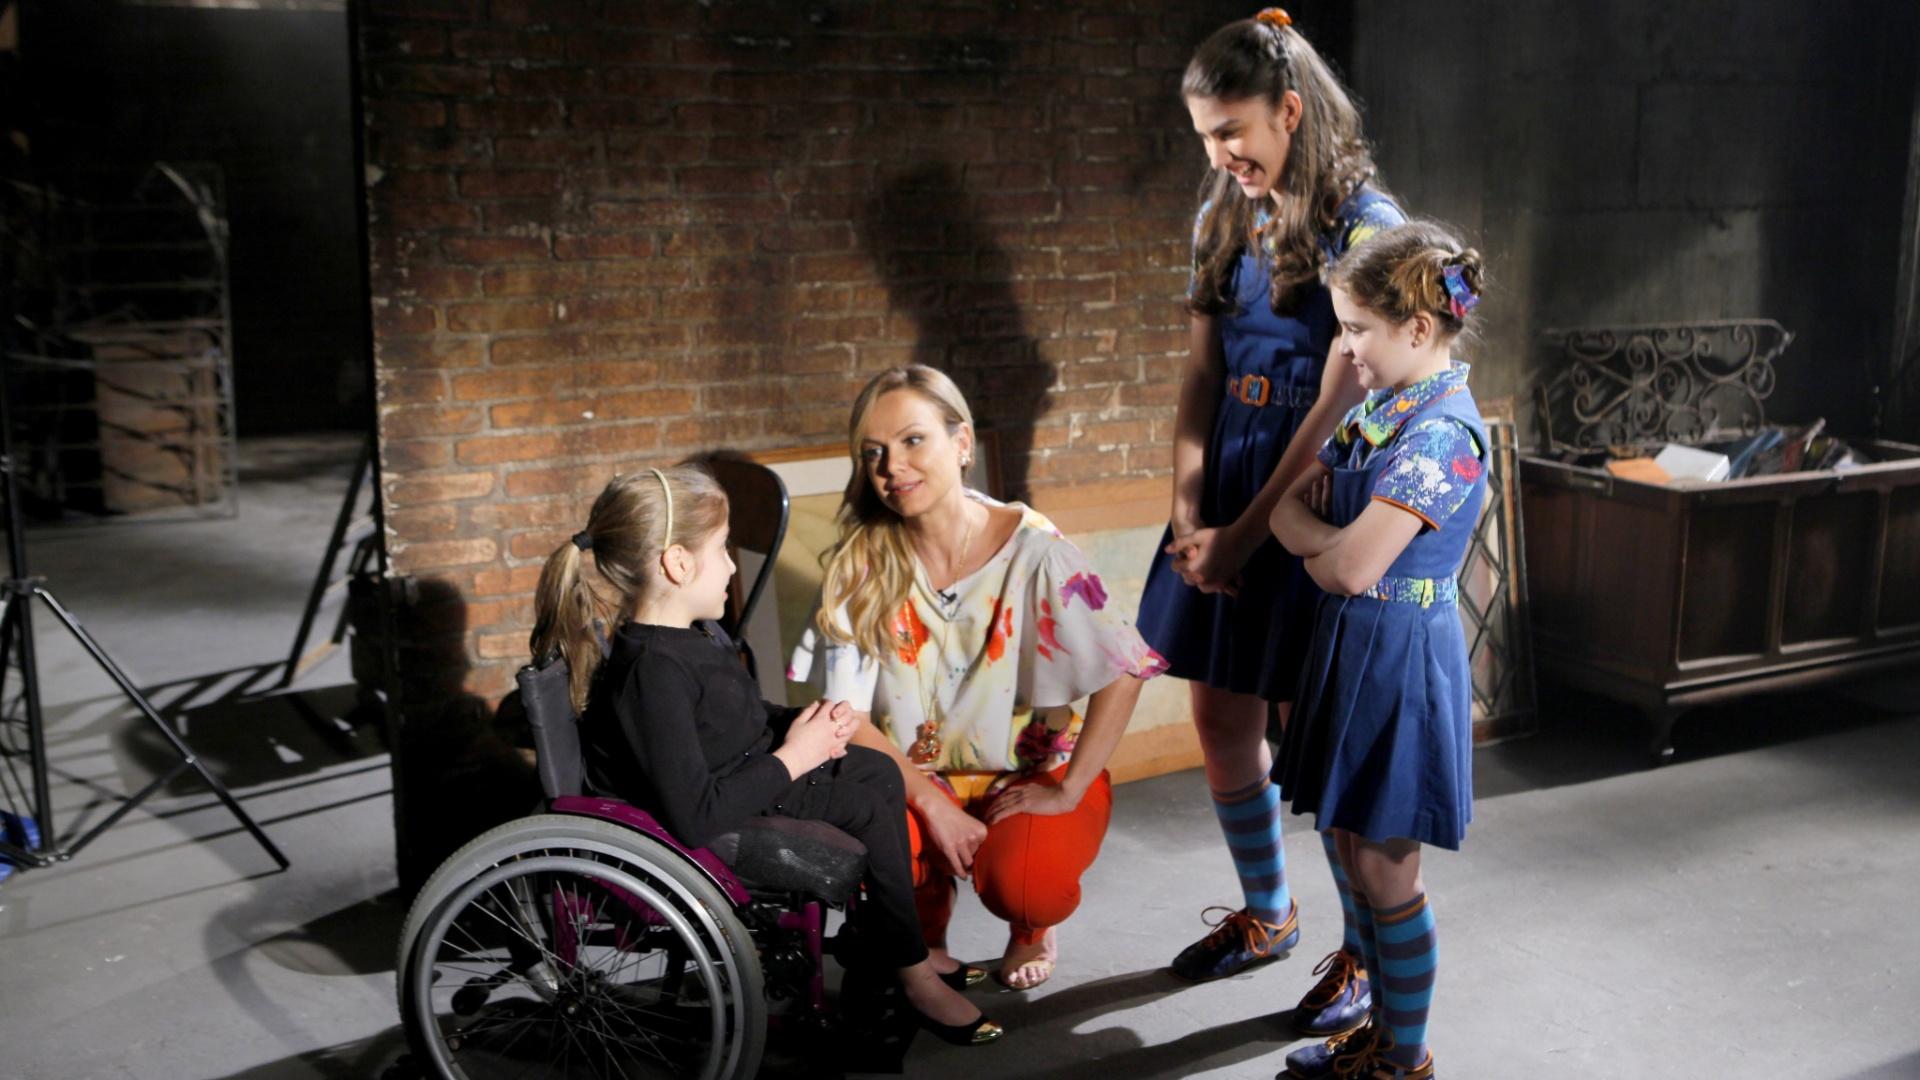 Eliana grava vinheta da campanha Teleton com a criança símbolo deste ano, Ana Julia, e as participações das atrizes de